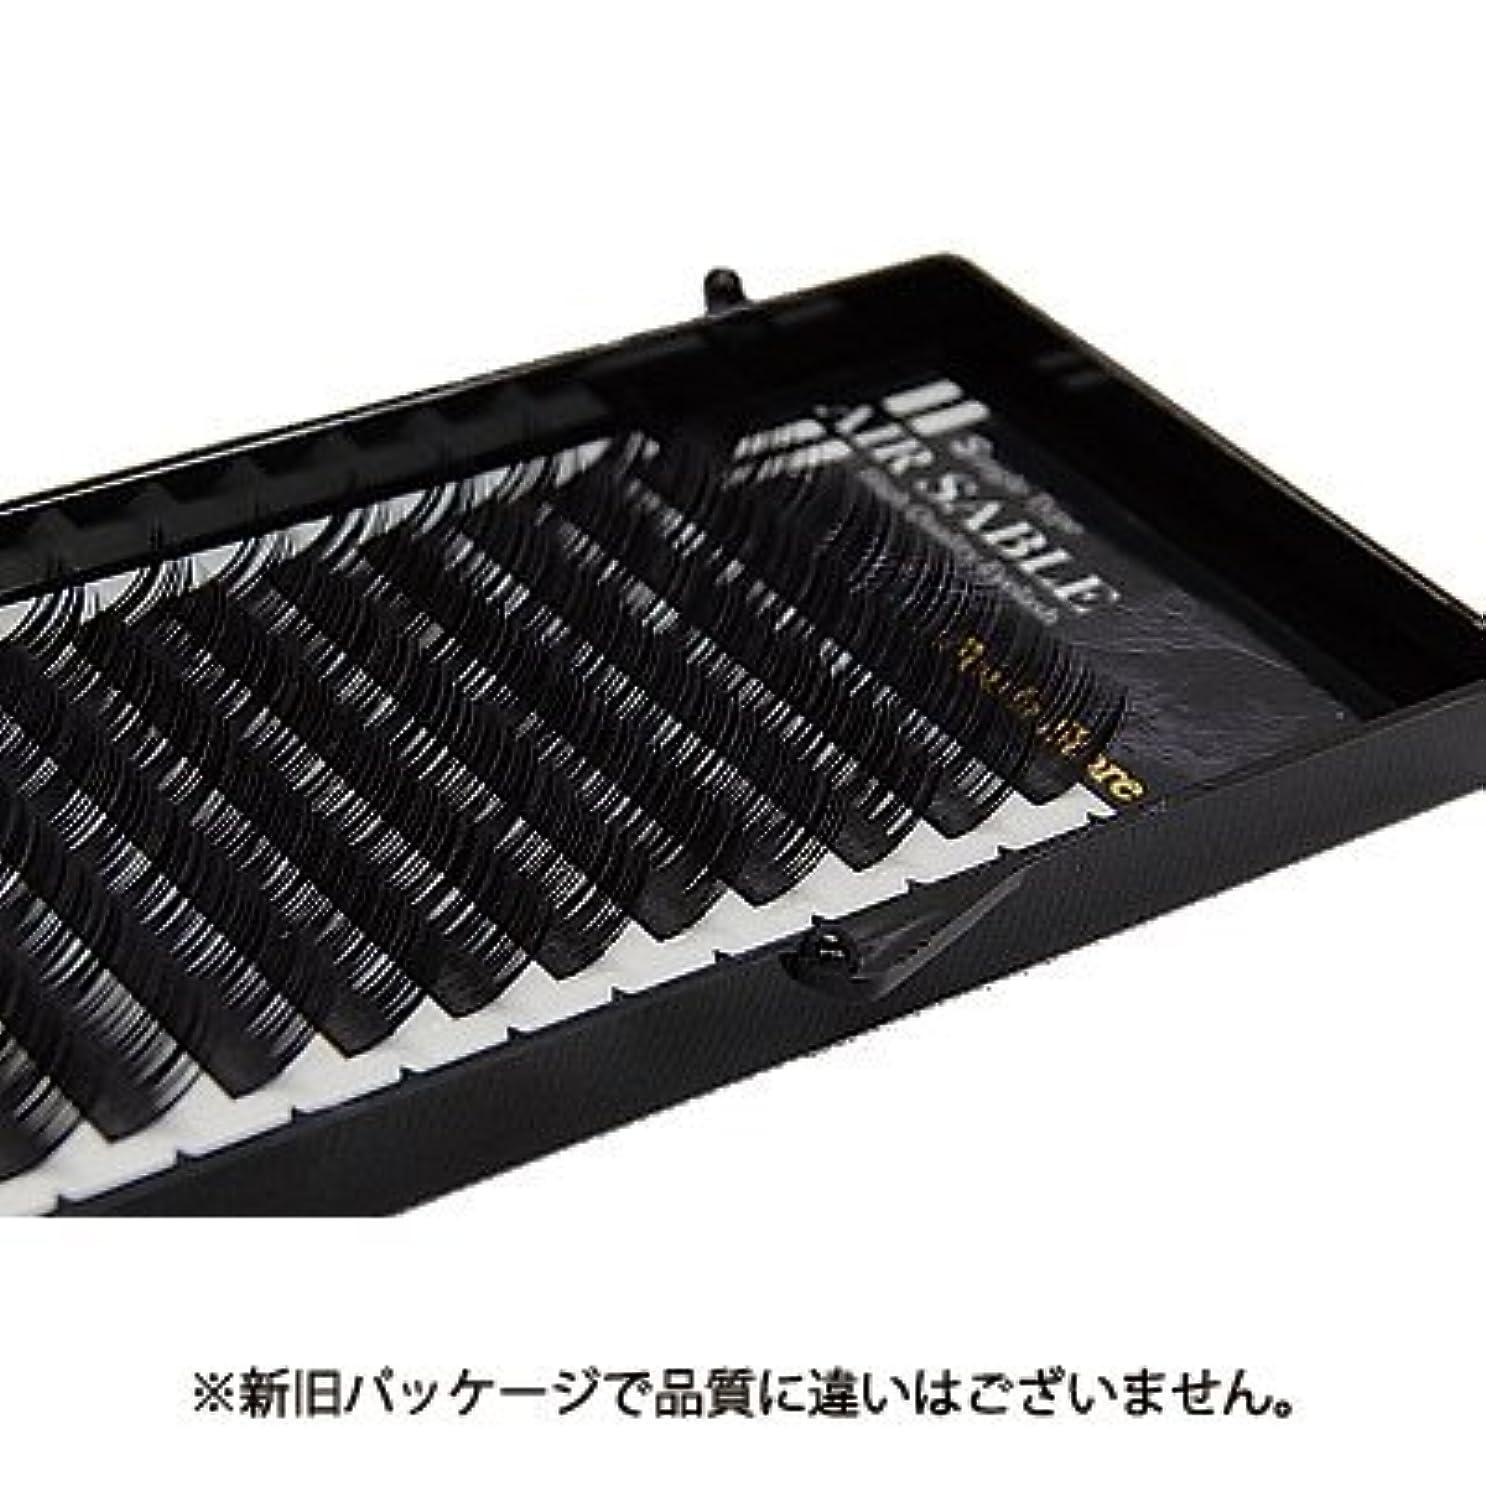 ペインティング開発幸運なことに【フーラ】エアーセーブル シート 12列 Cカール 10mm×0.15mm